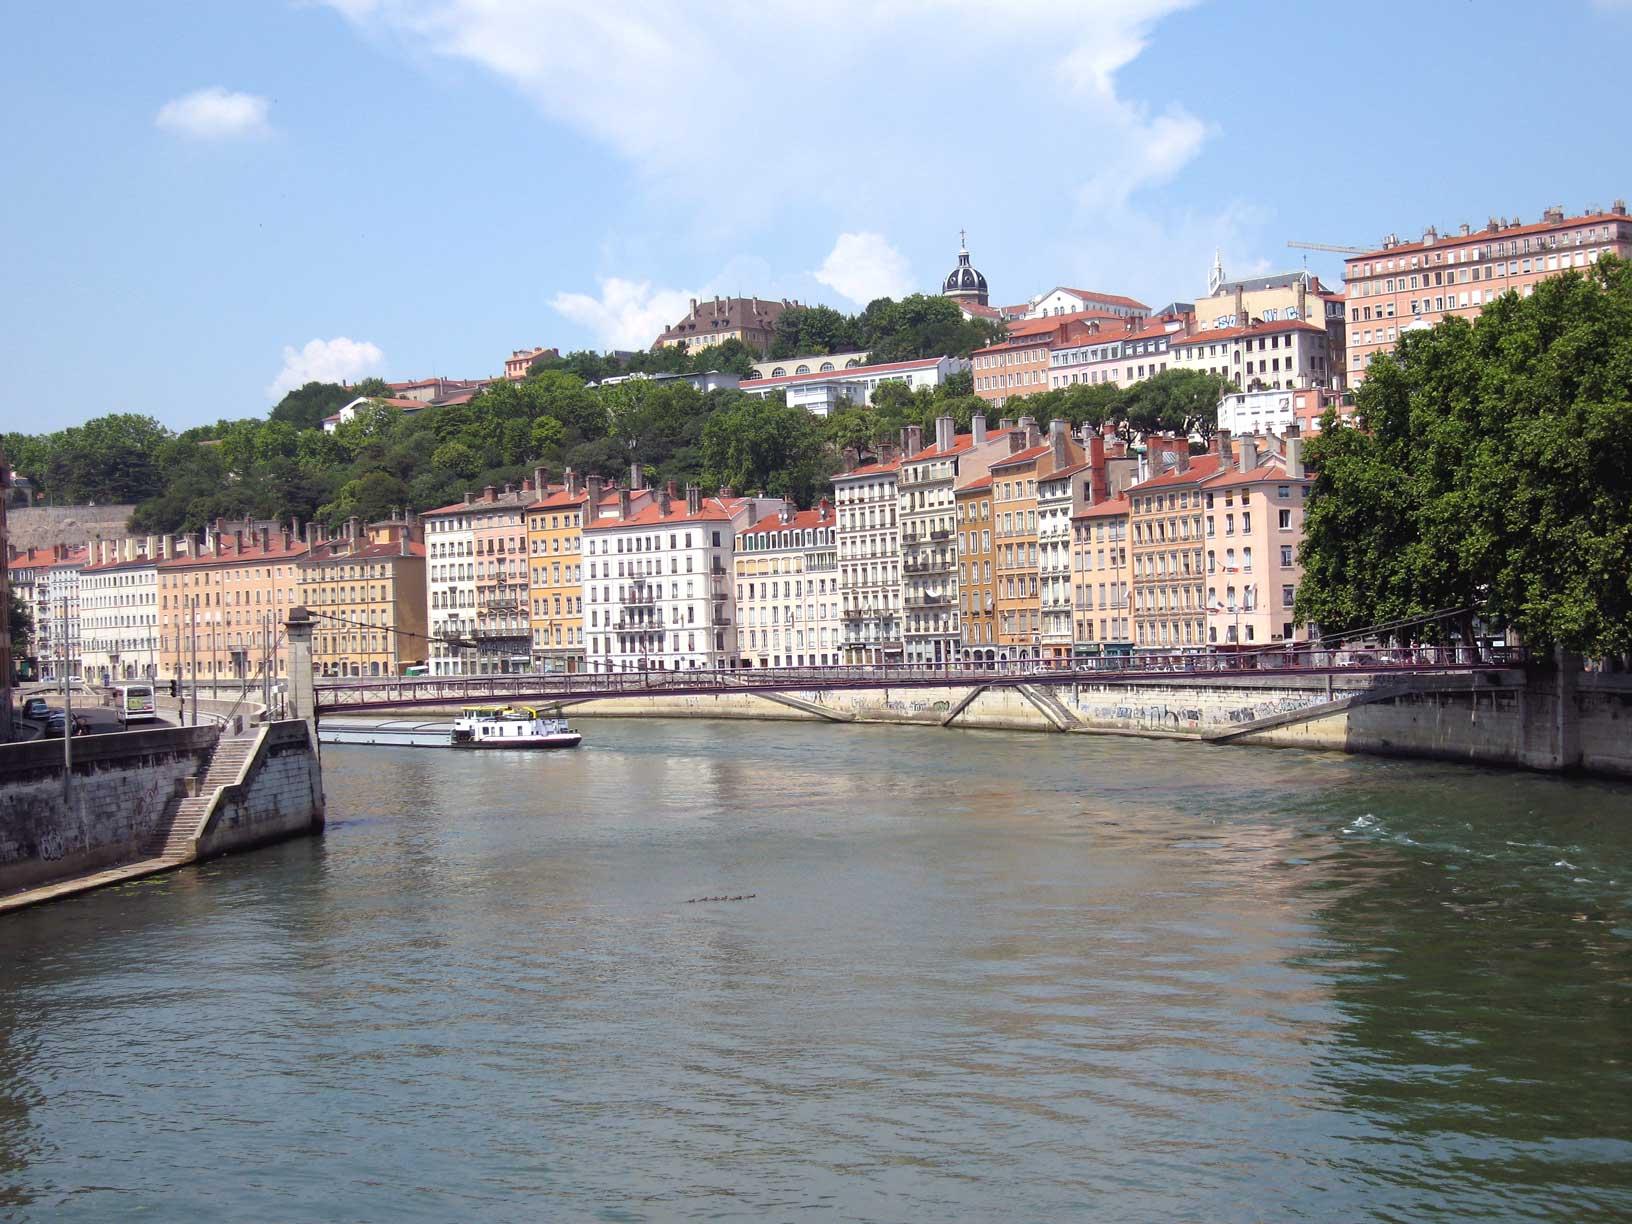 http://upload.wikimedia.org/wikipedia/commons/f/fa/Colline-de-la-croix-rousse-.jpg